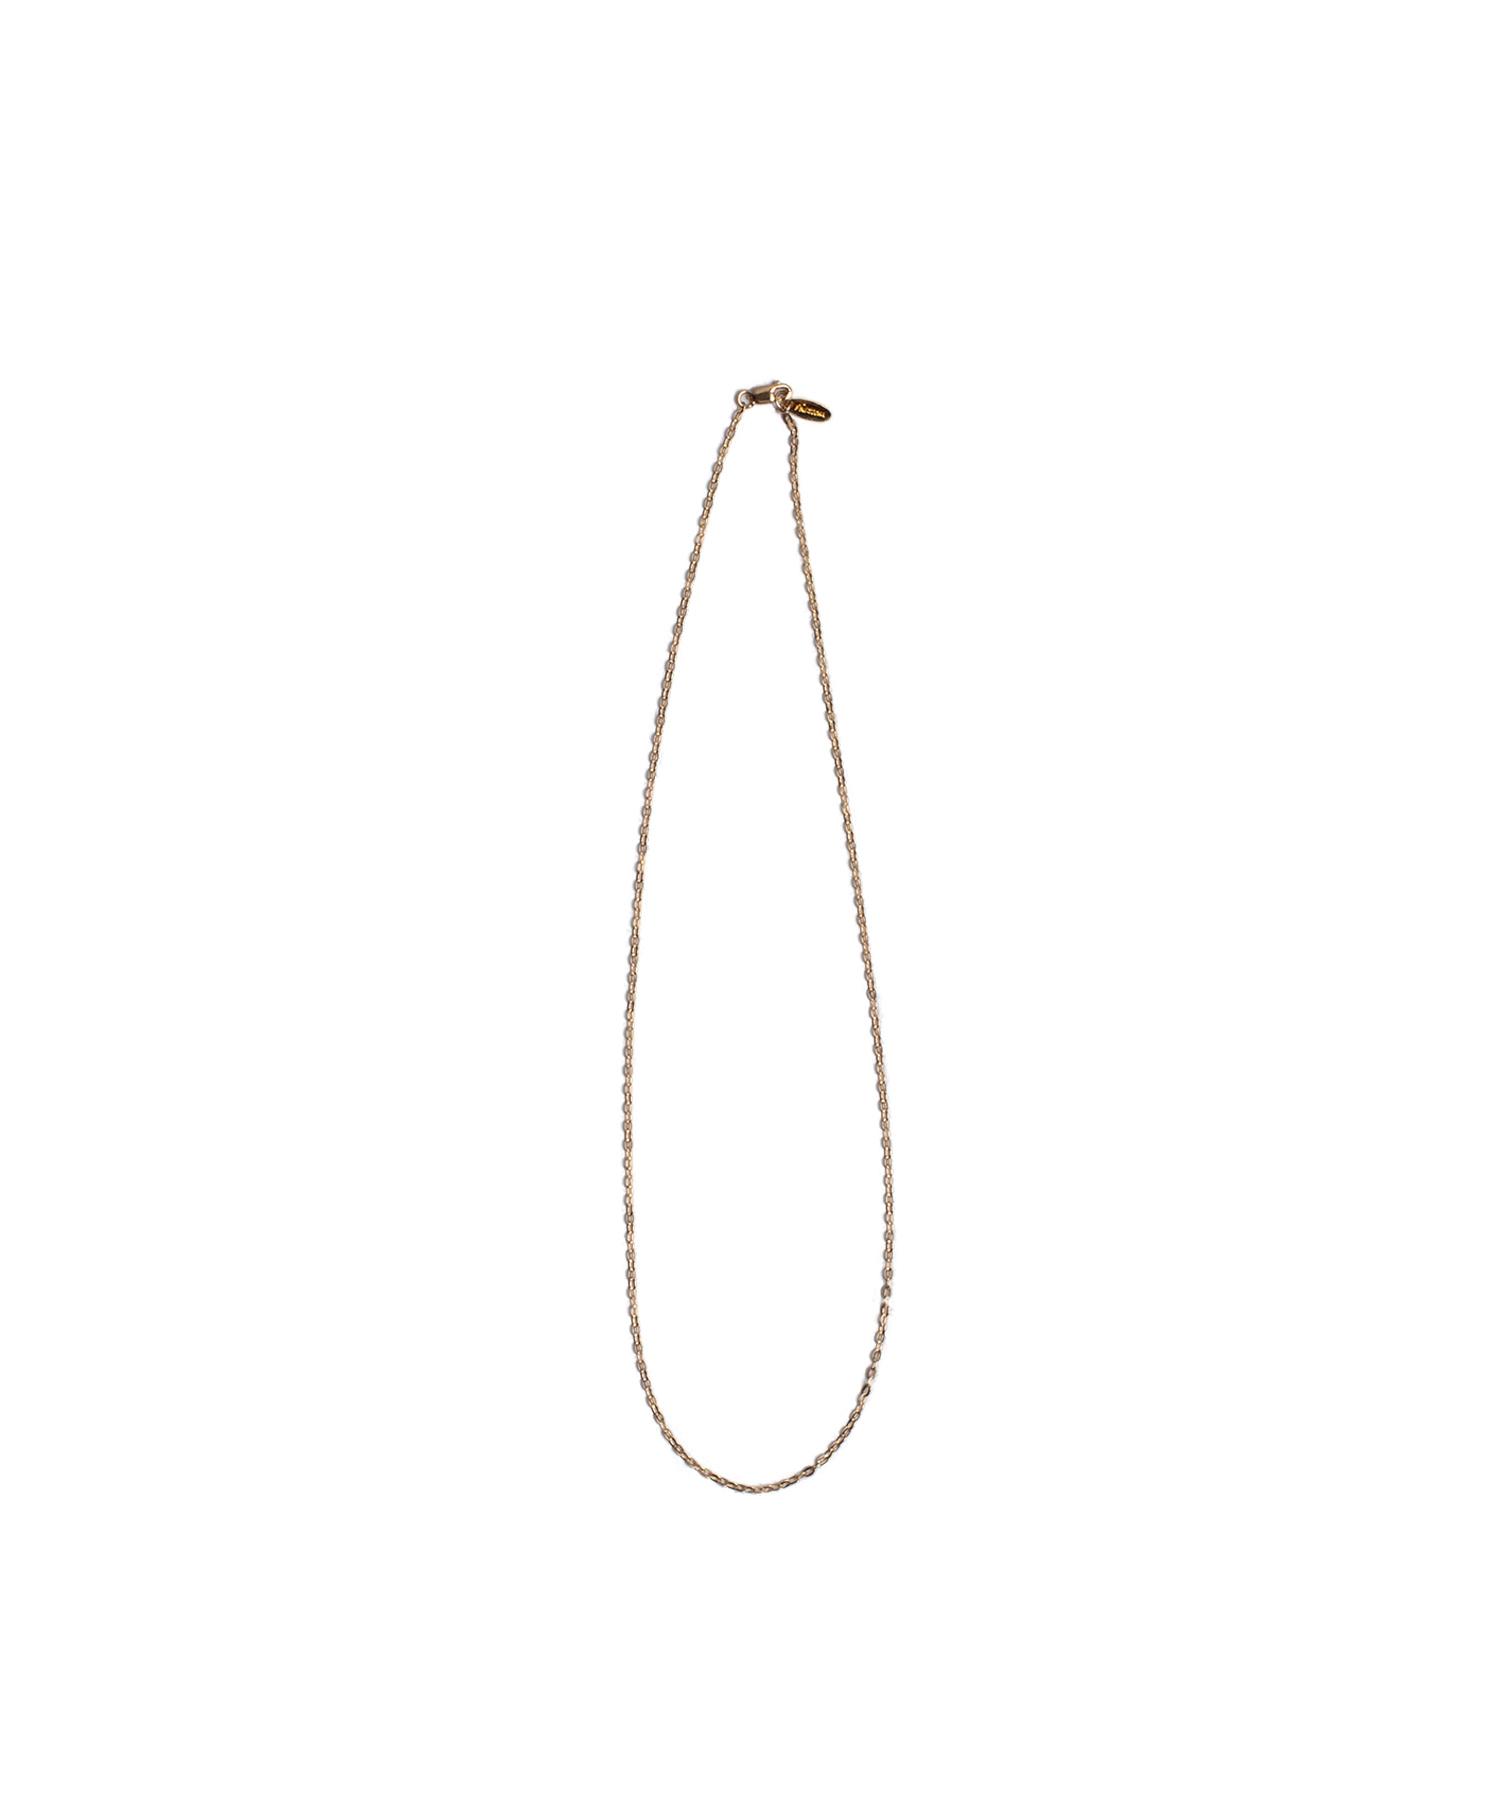 14KGF FLAT CABLE CHAIN NECKLACE 45cm [REA091]